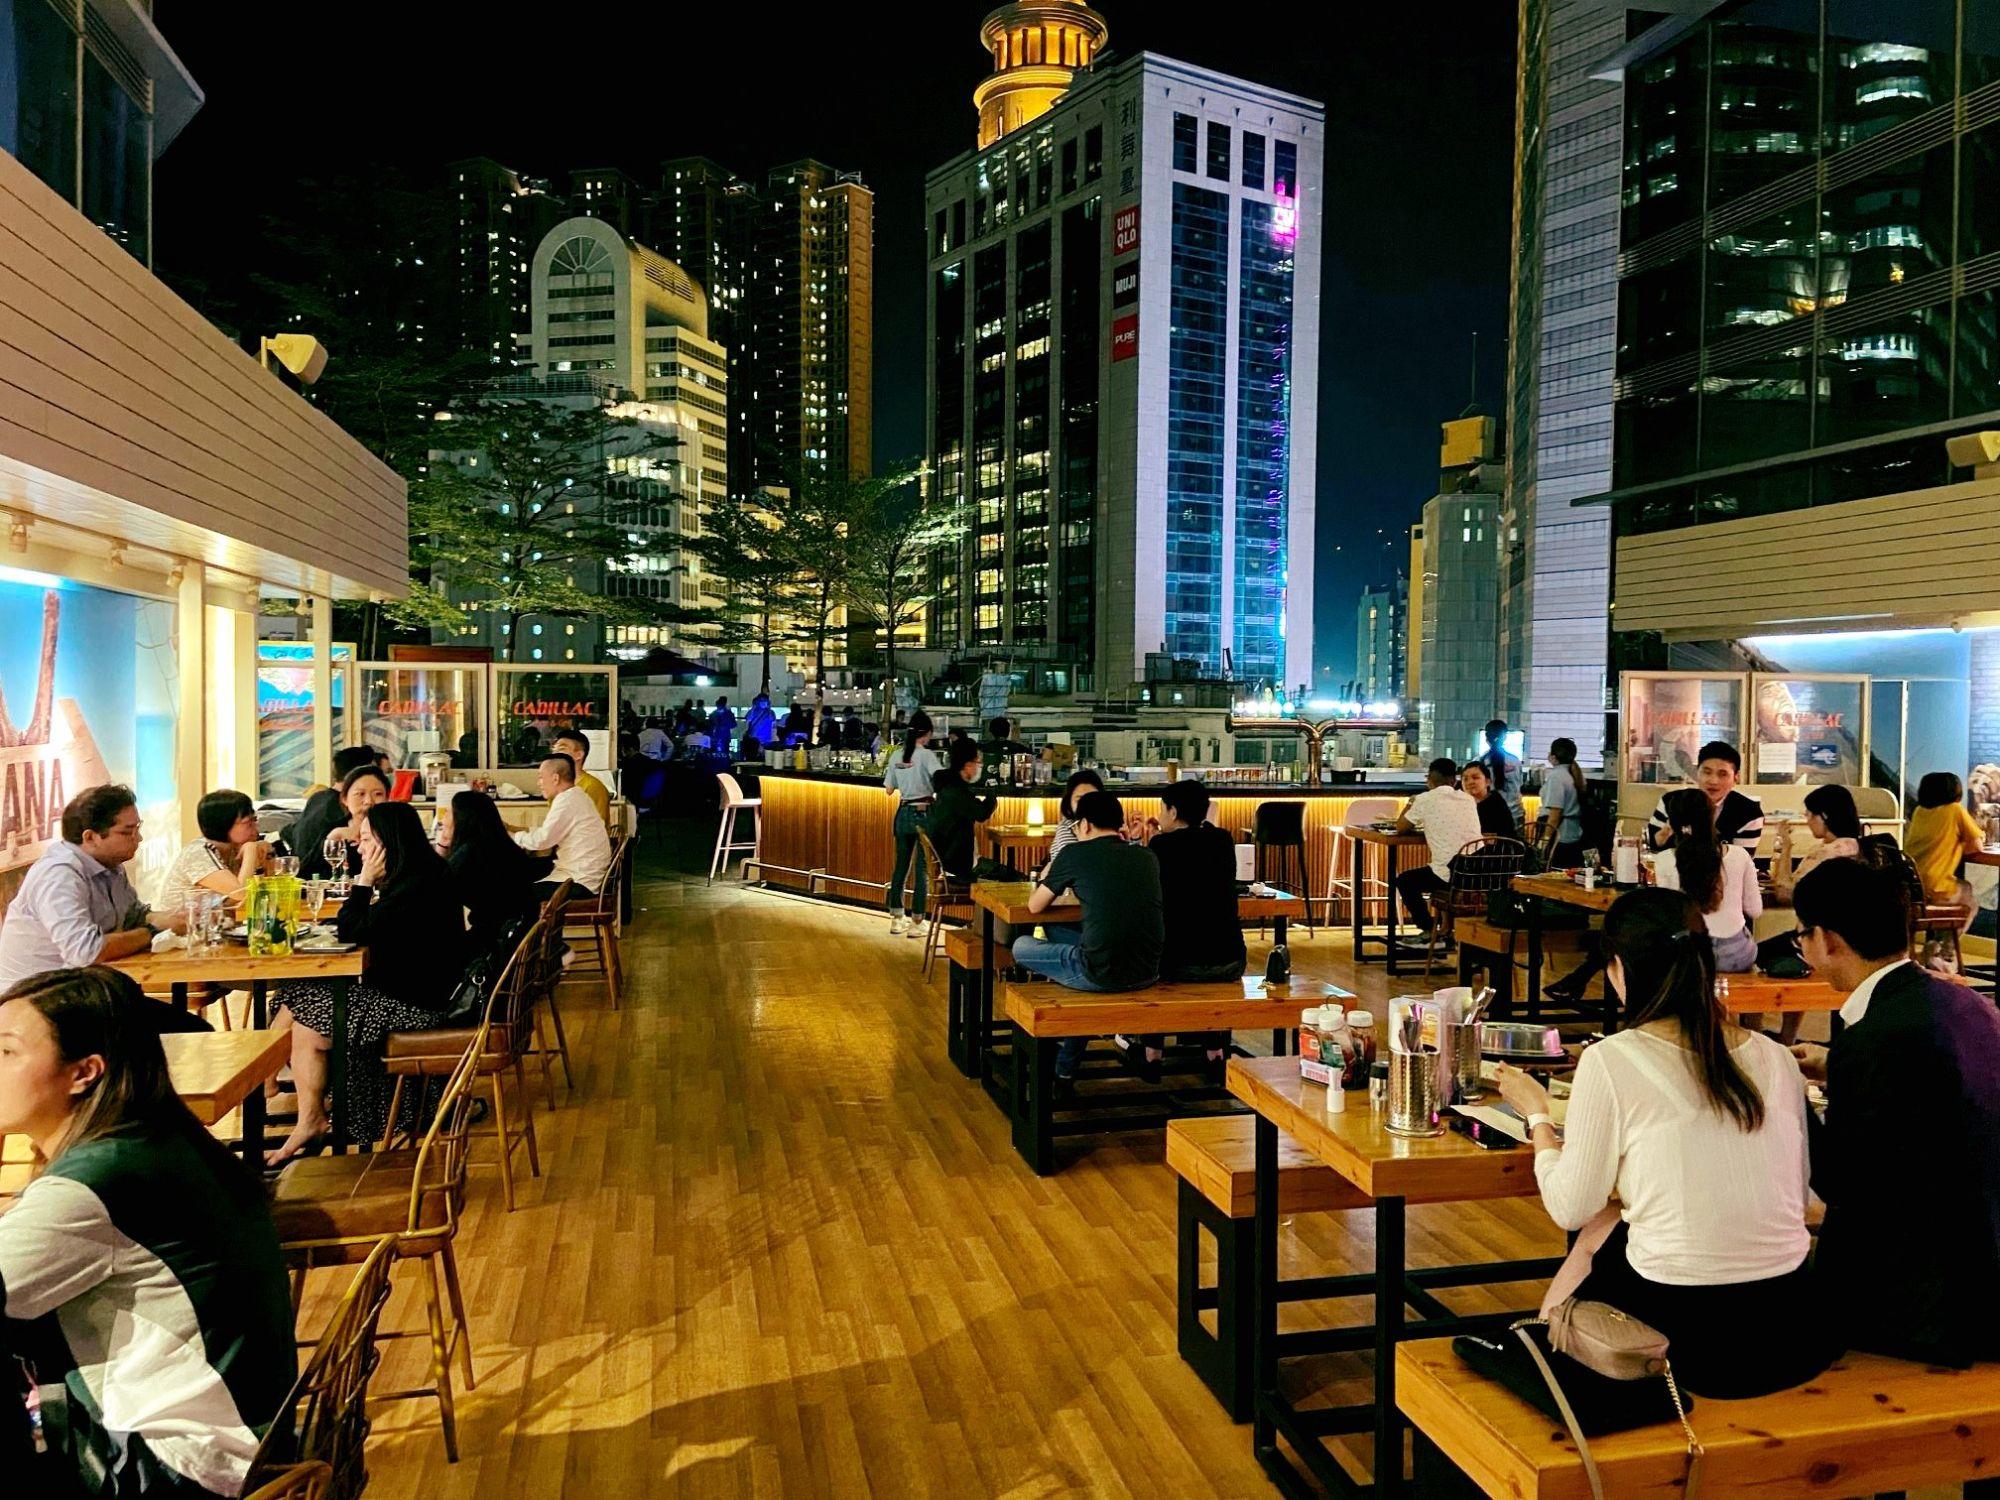 Hong Kong Neighbourhood Guide: What to Do in Causeway Bay